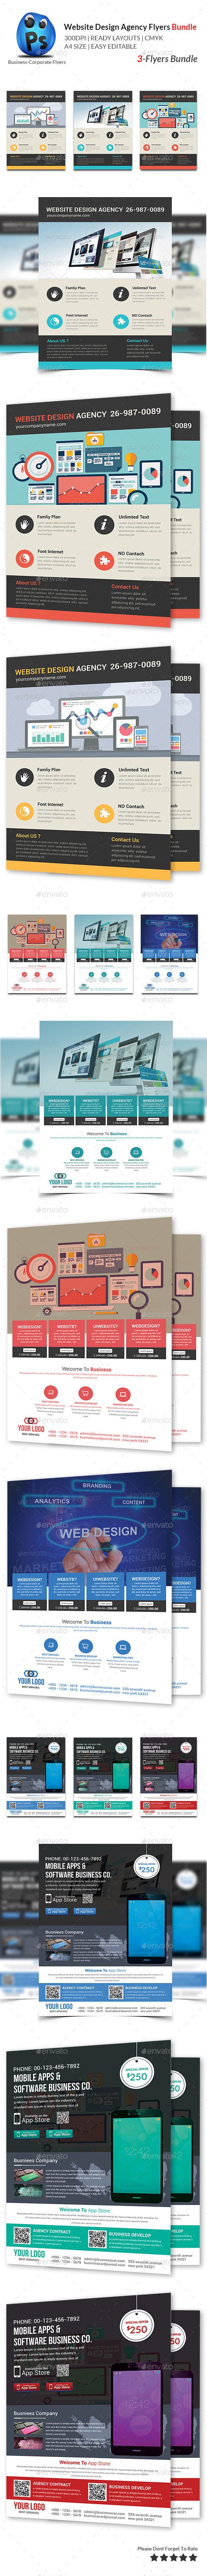 GraphicRiver Website Design Agency 3 Flyer Bundle 10503540